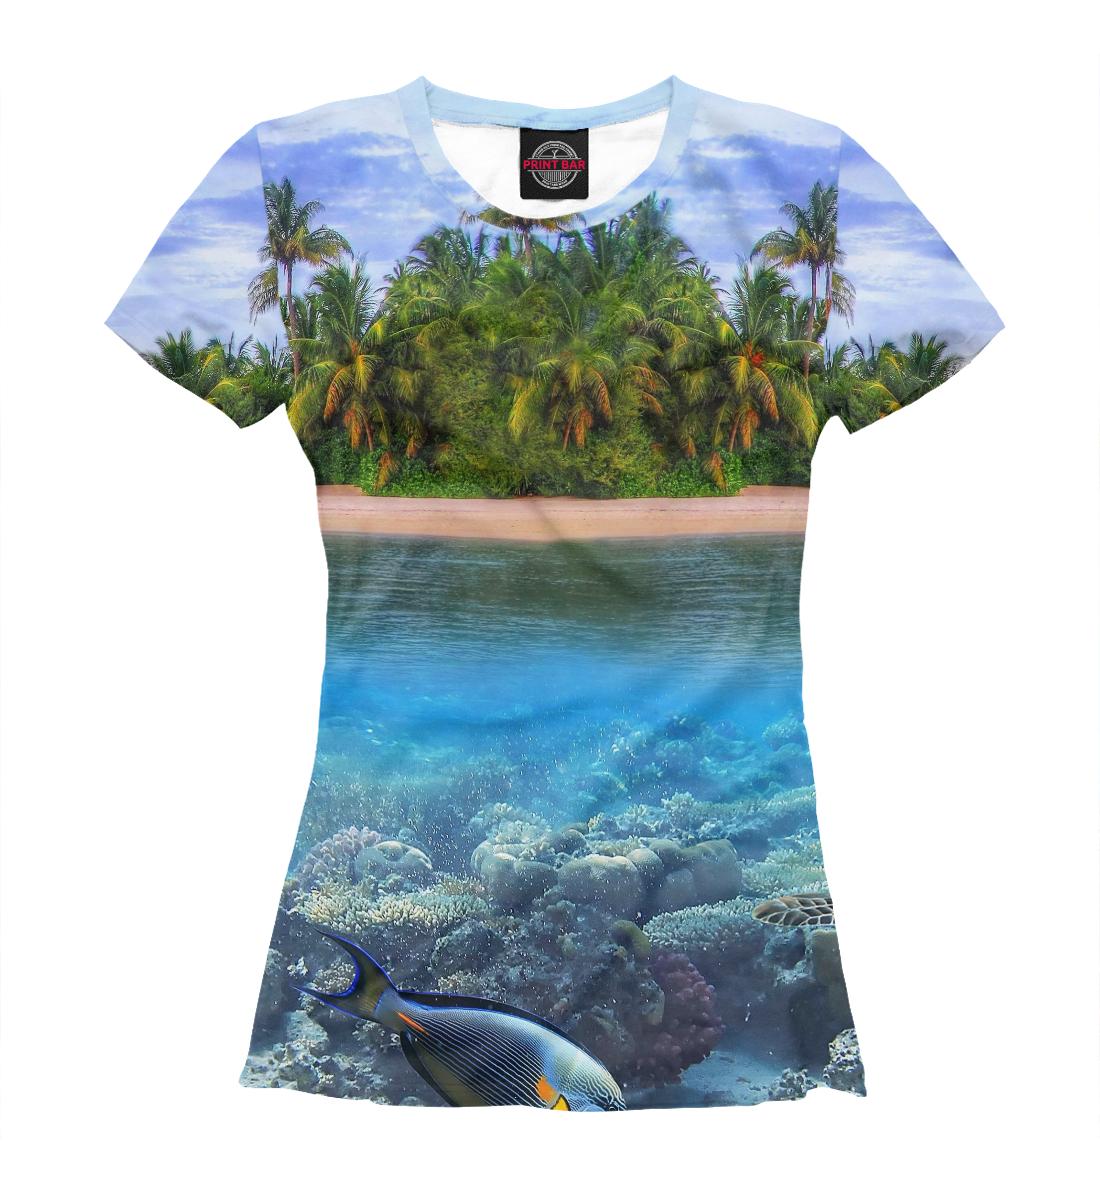 Тропический остров, Printbar, Футболки, PEY-401053-fut-1  - купить со скидкой